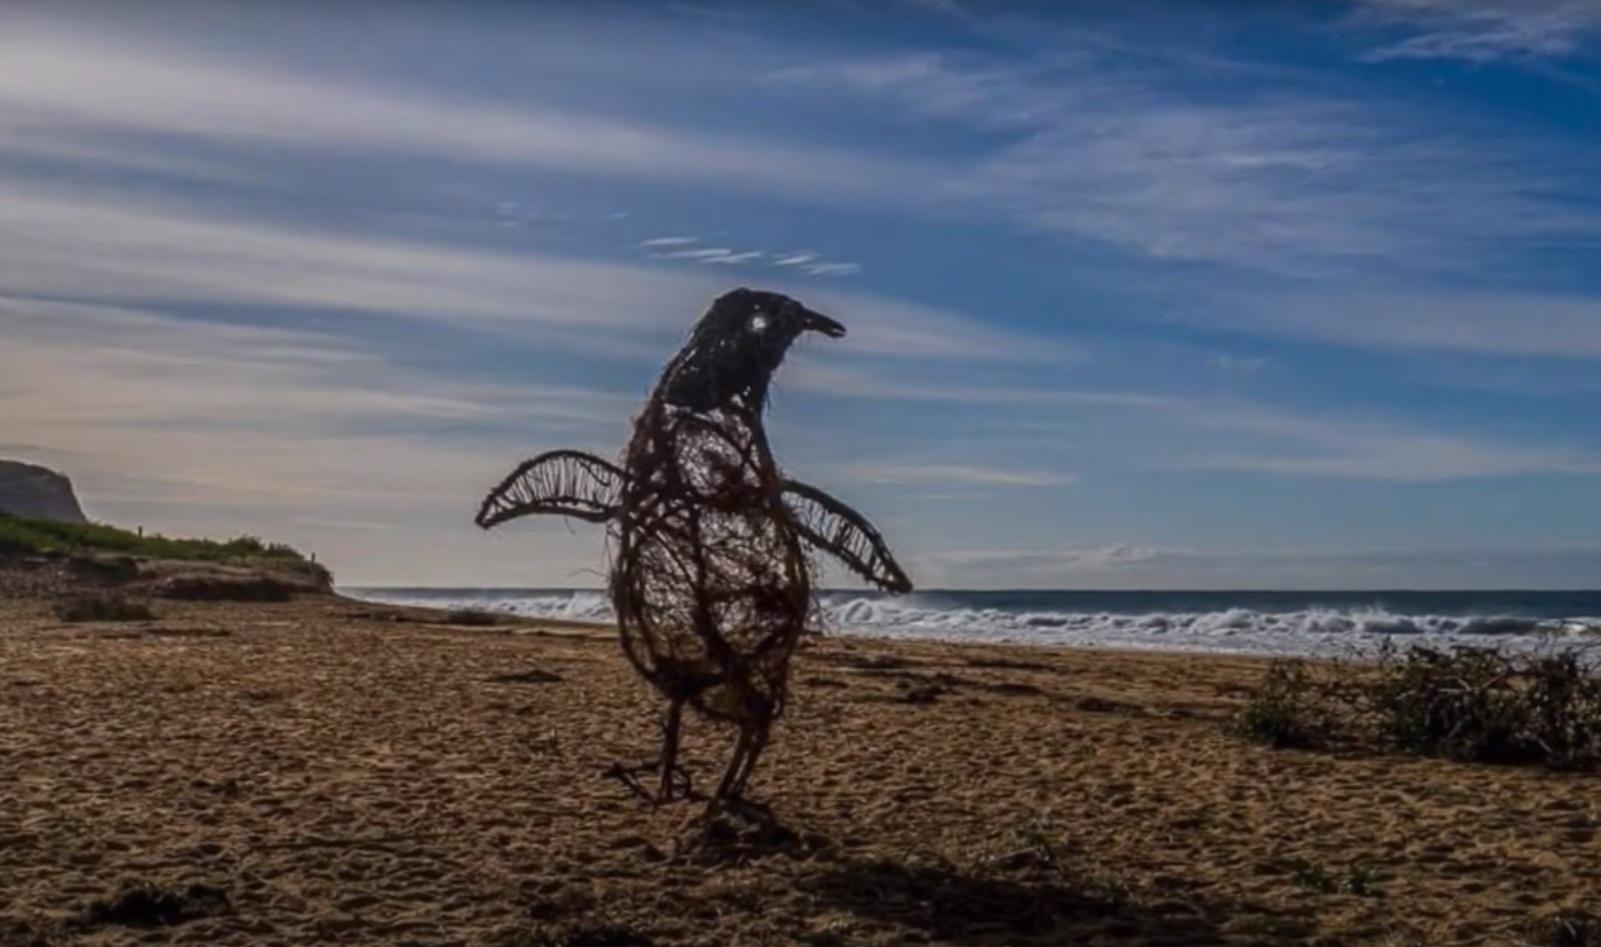 Πρωτοτυπεί καλλιτέχνης στην Αυστραλία – Φτιάχνει γλυπτά ζώα από ξύλα που ξεβράζει ο ωκεανός